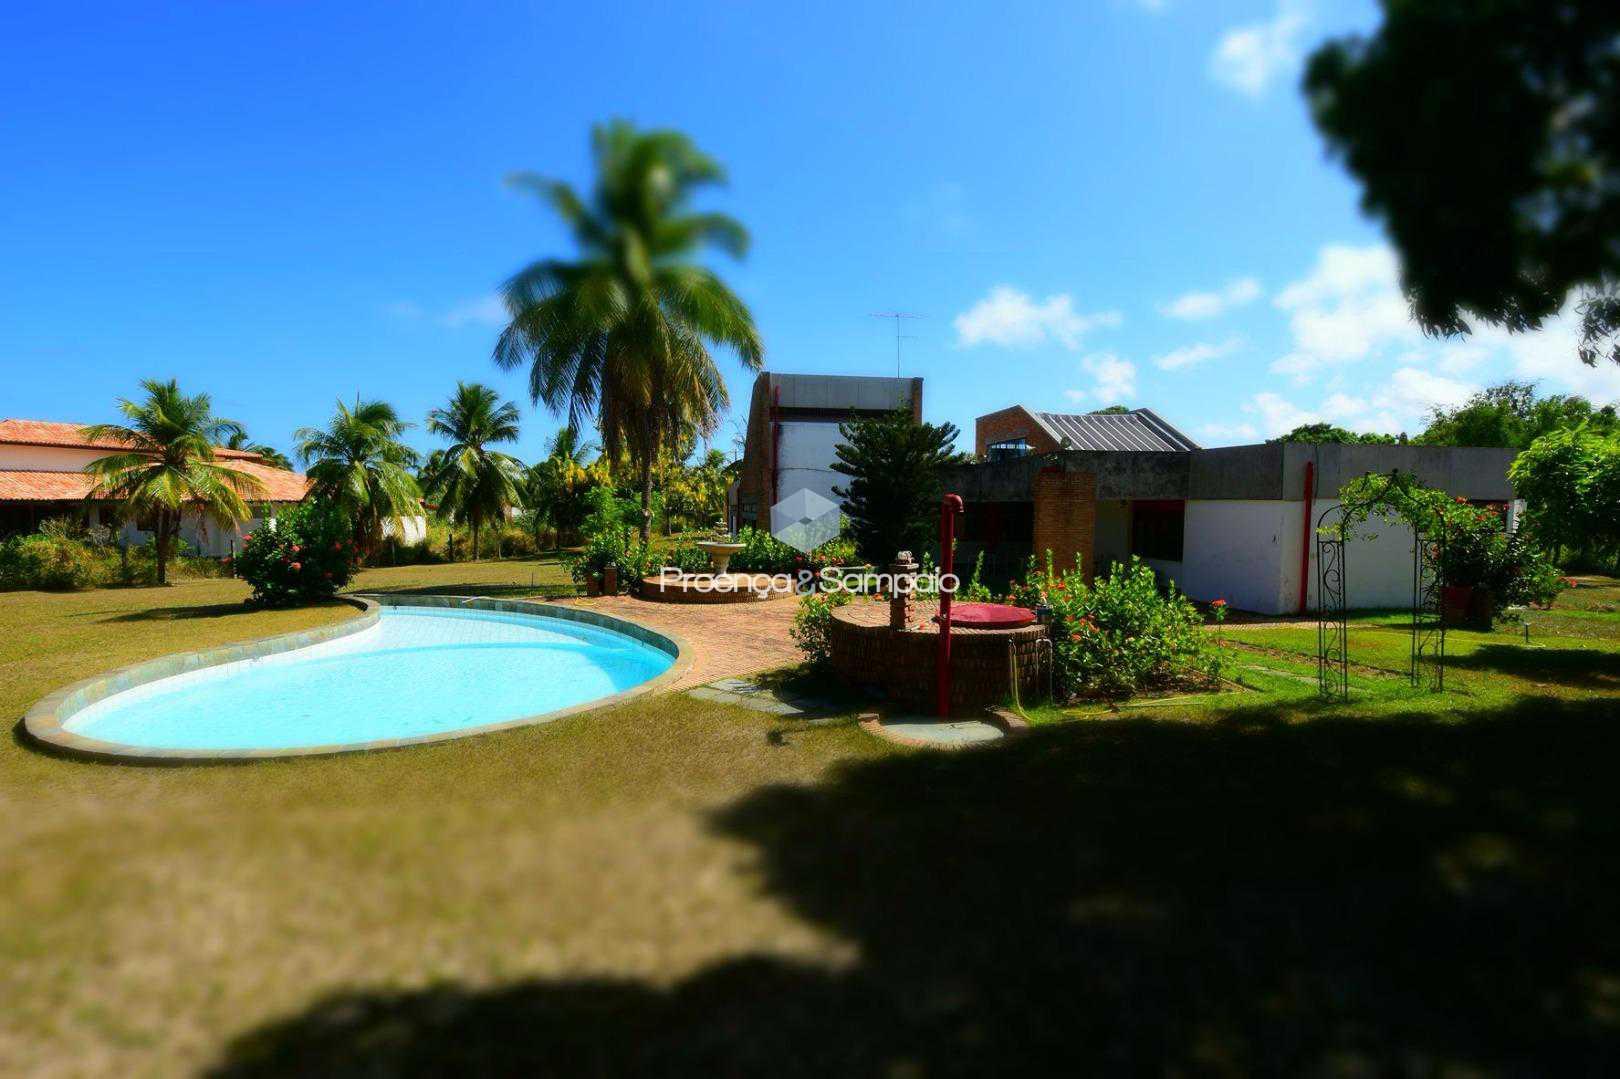 FOTO14 - Casa em Condomínio 4 quartos à venda Lauro de Freitas,BA - R$ 1.700.000 - PSCN40016 - 16